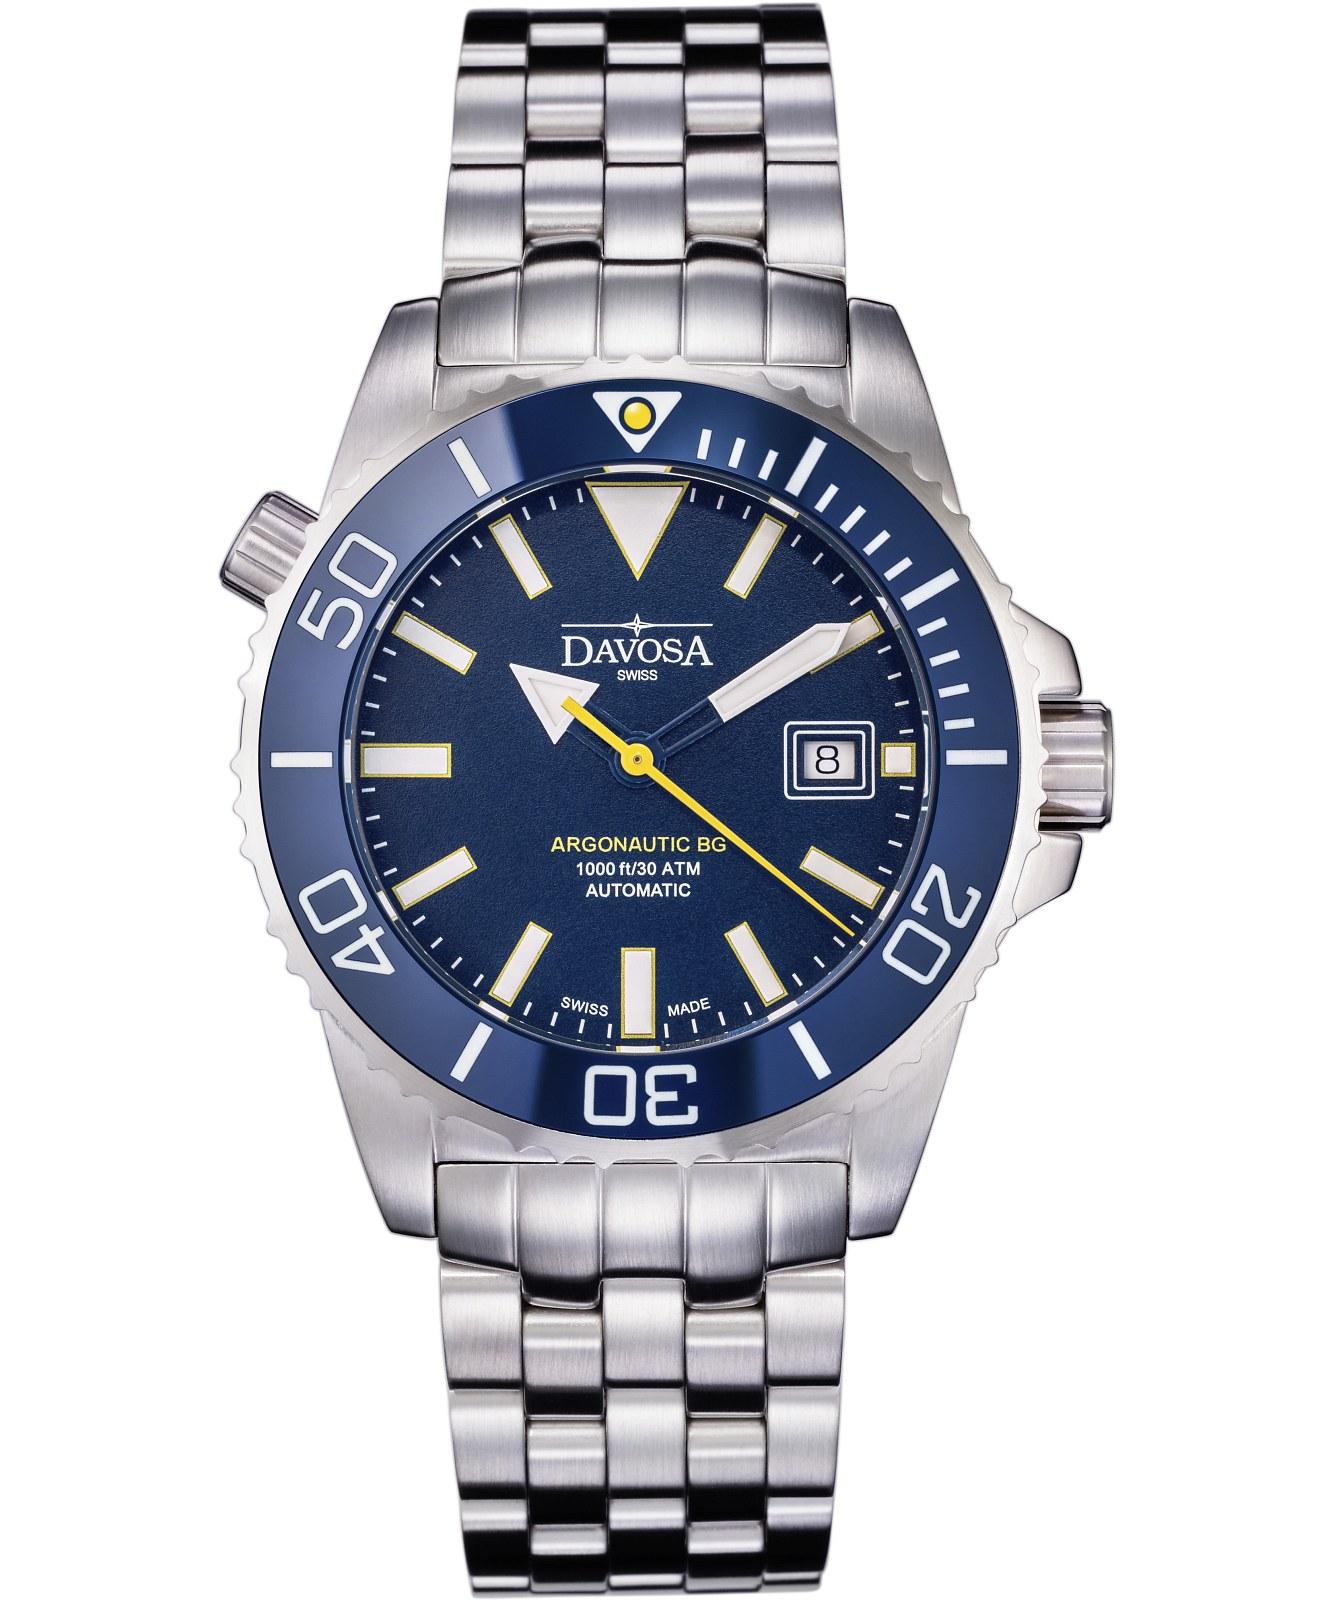 zegarek-meski-davosa-argonautic-bg-automatic-161-522-40_001